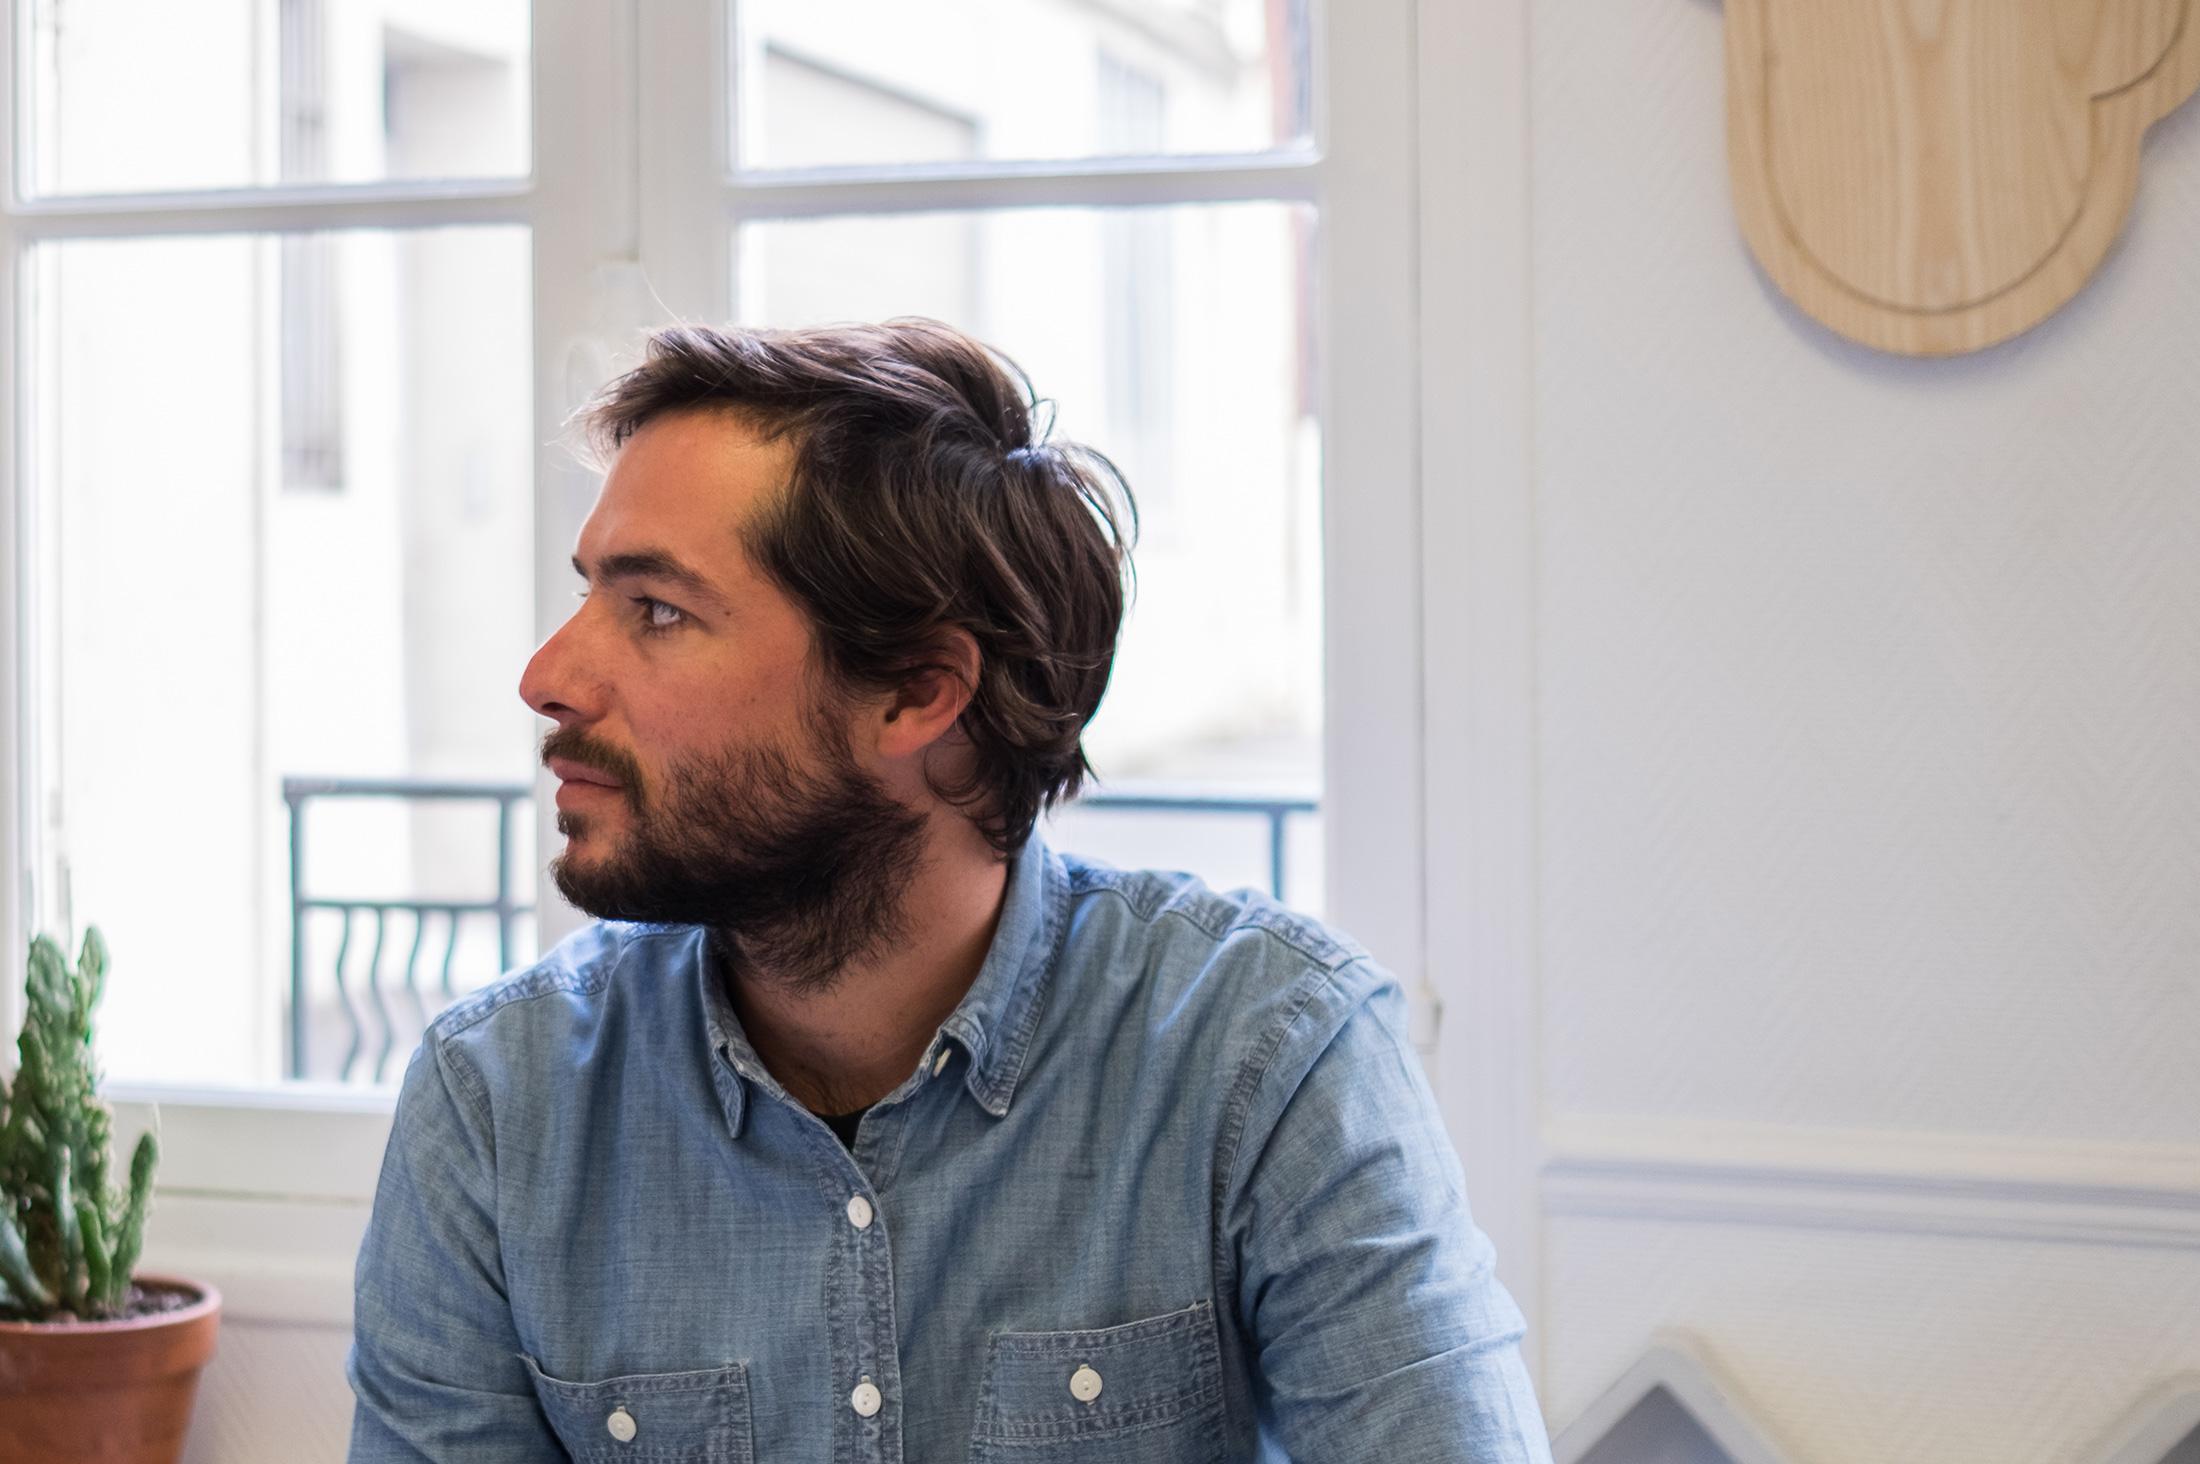 joran briand architecte d 39 int rieur designer paris 10point15. Black Bedroom Furniture Sets. Home Design Ideas